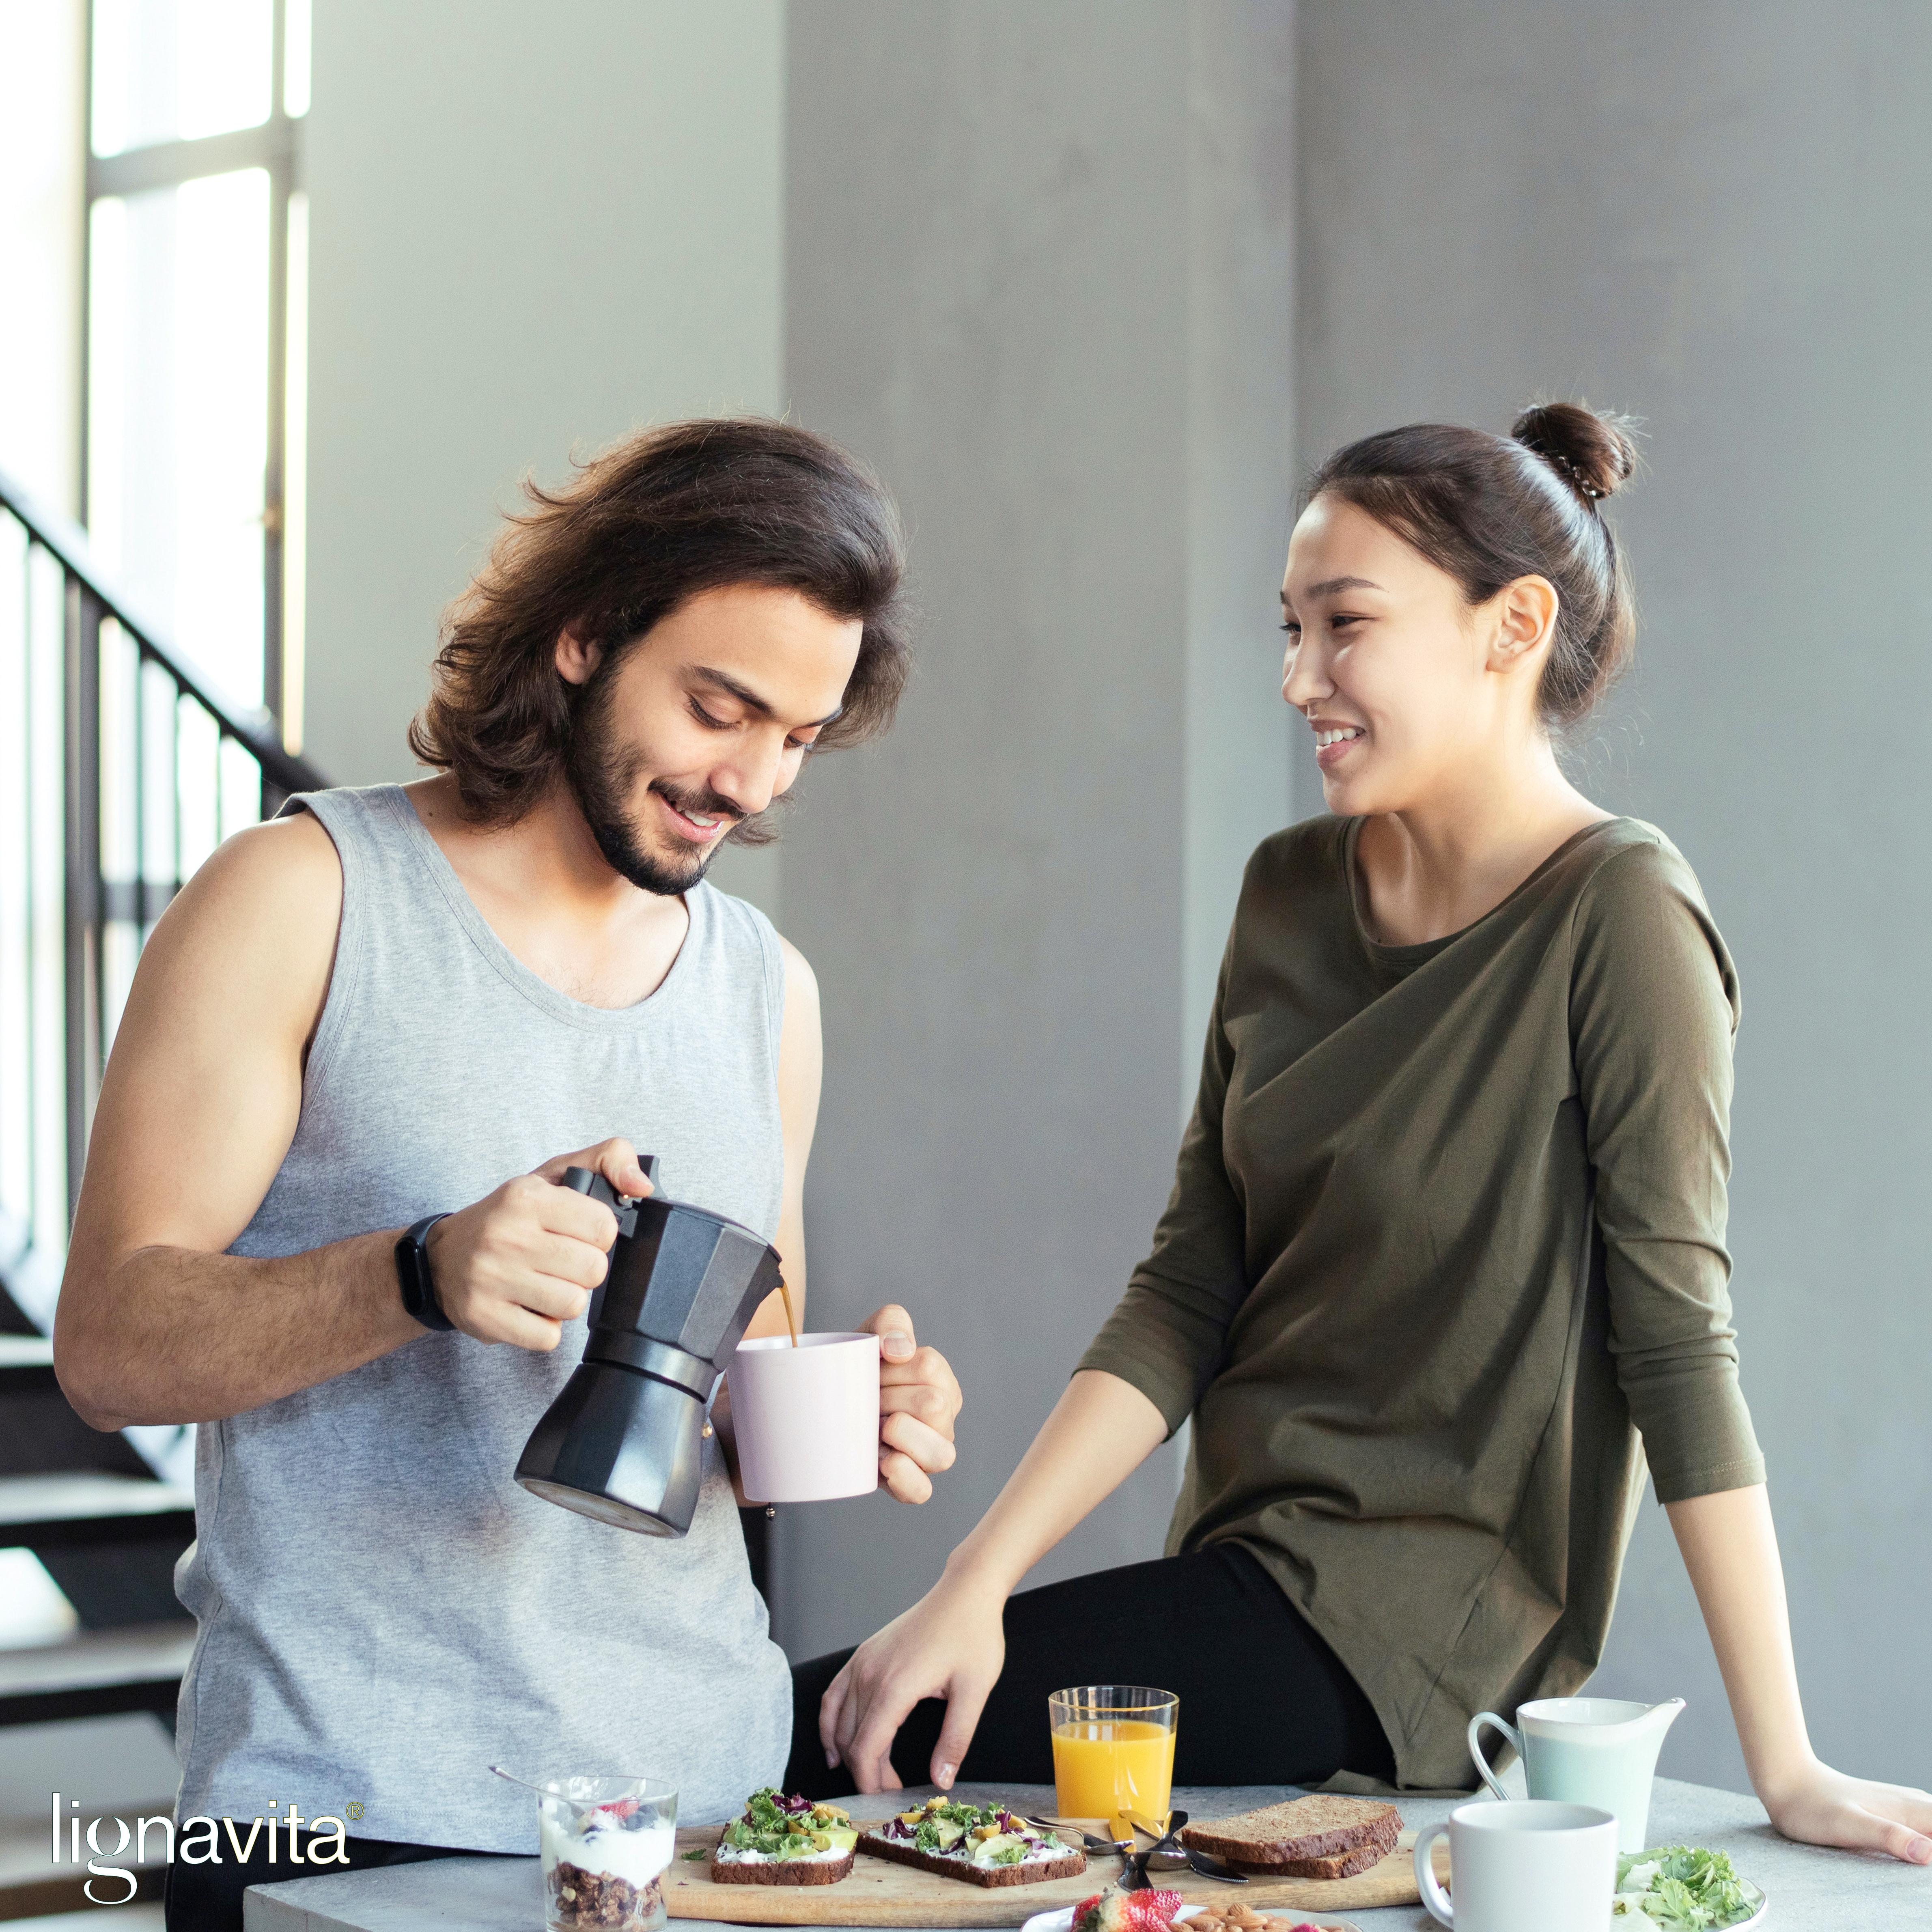 Is je ontbijt nu echt zo belangrijk?